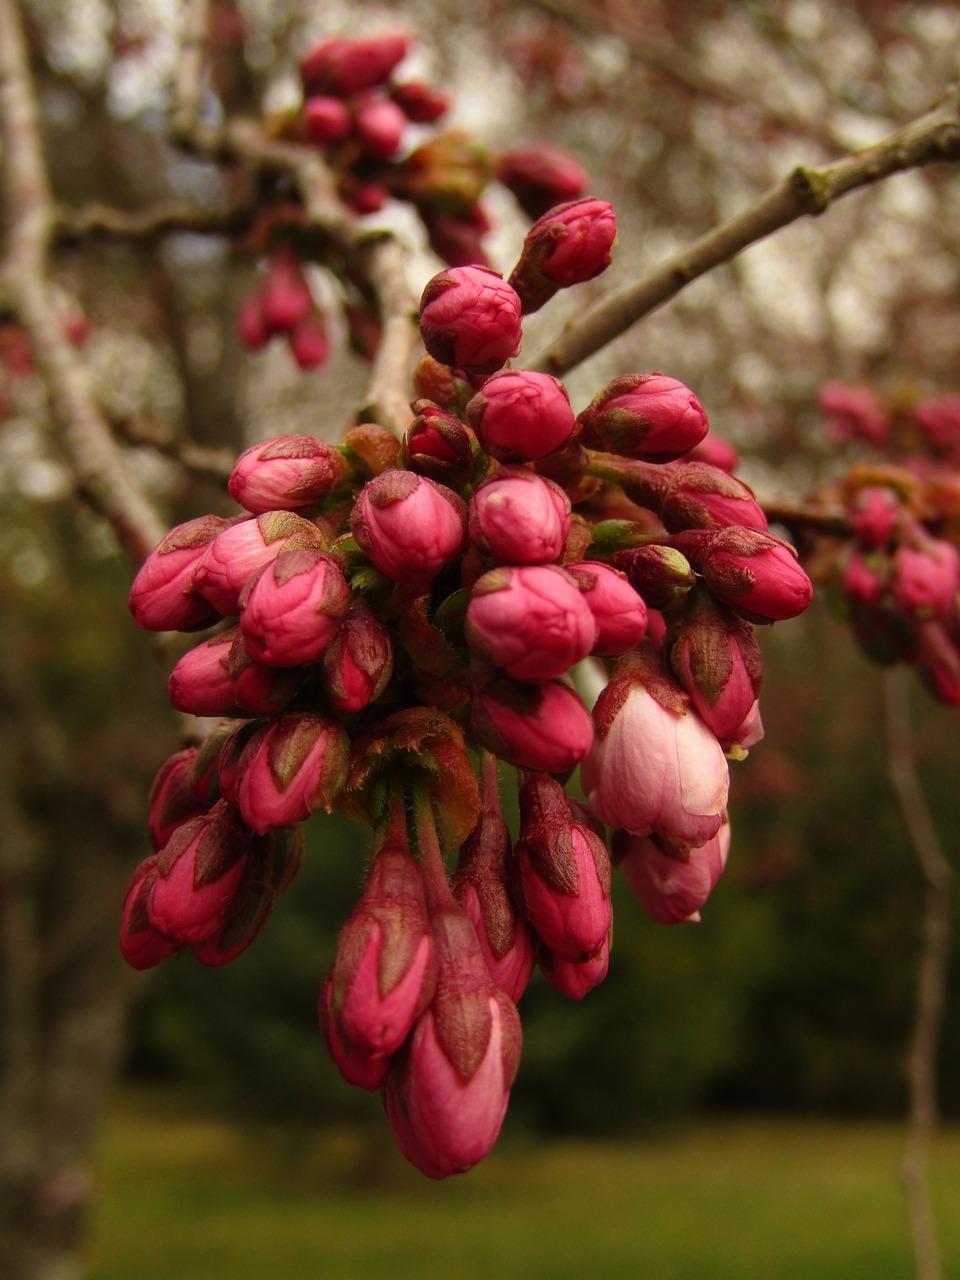 сакура плоды фото и описание создания качественного